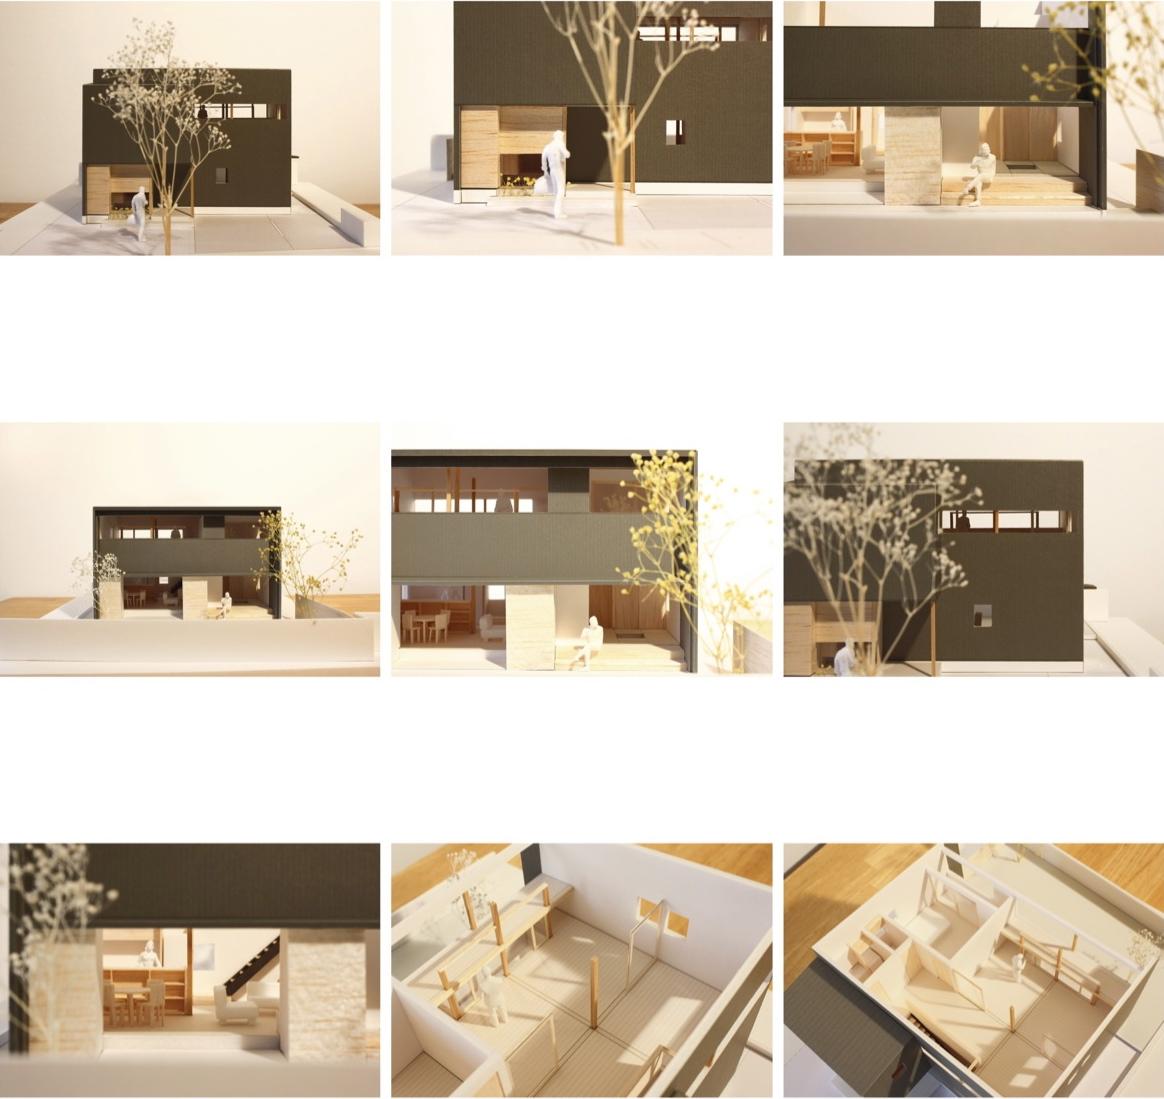 坂井市丸岡町 セミオーダーハウス A-House 準備が出来次第着工しまーす!_f0165030_739984.jpg